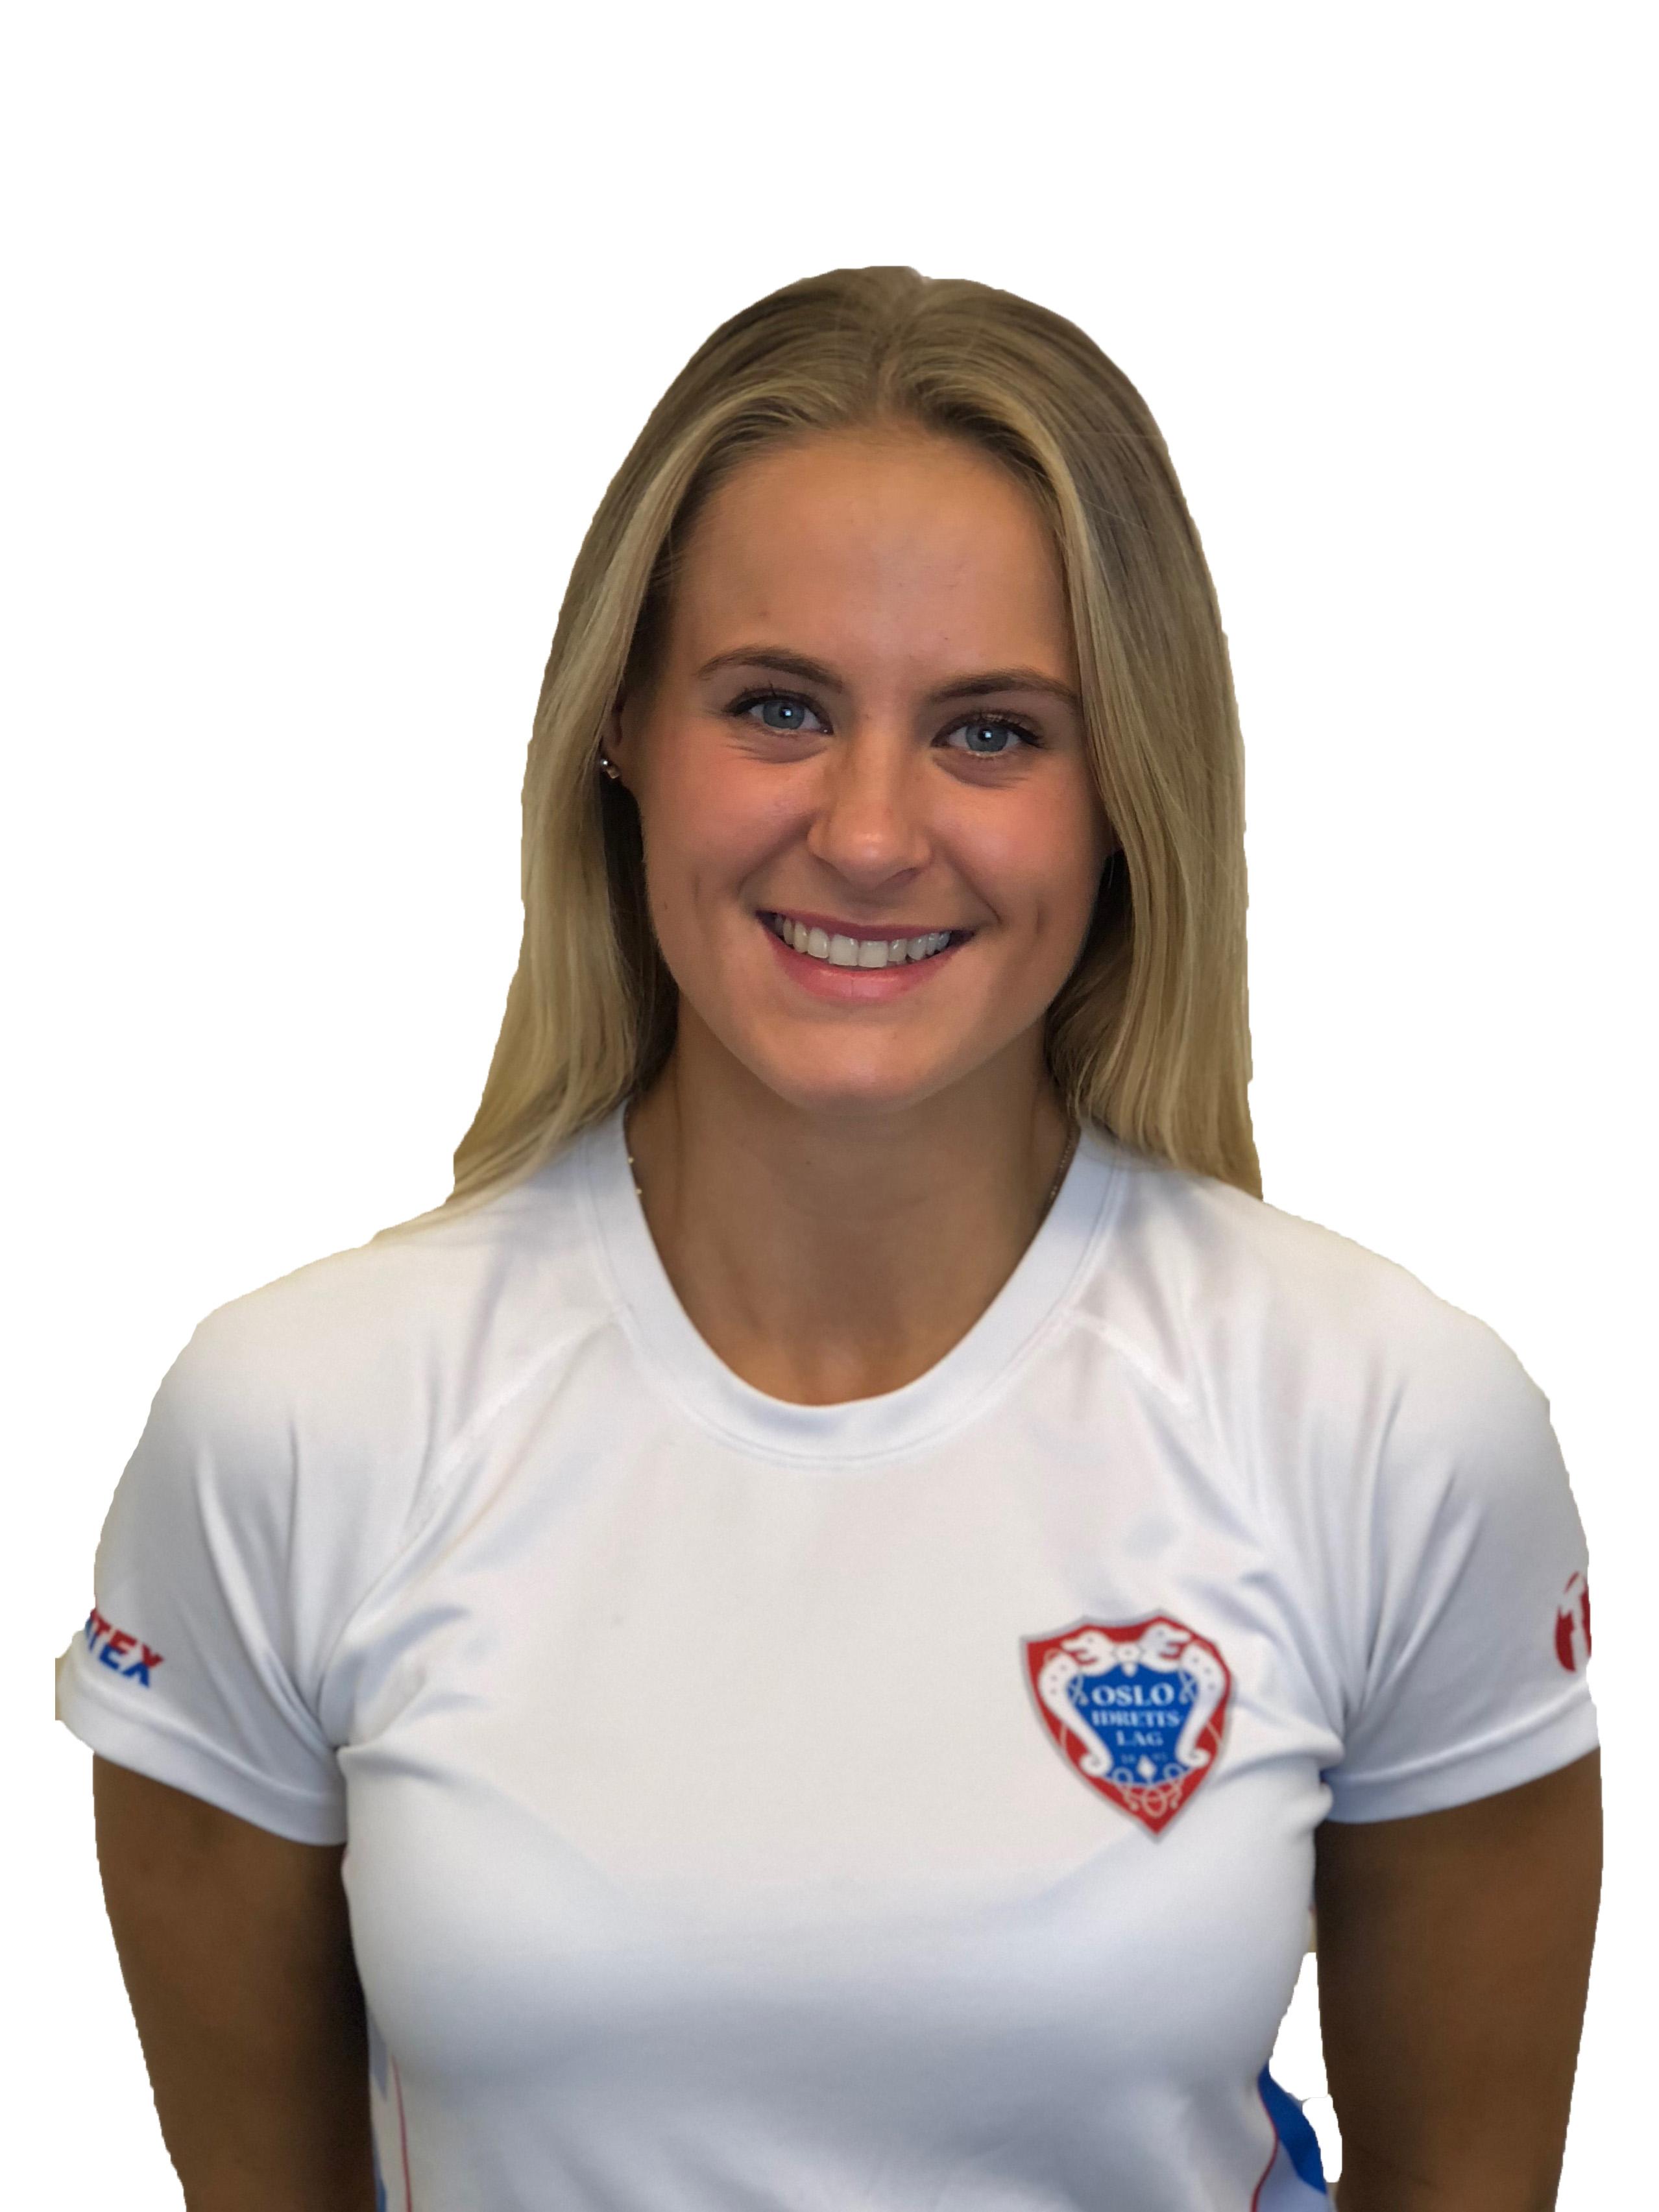 Sara Stoebner